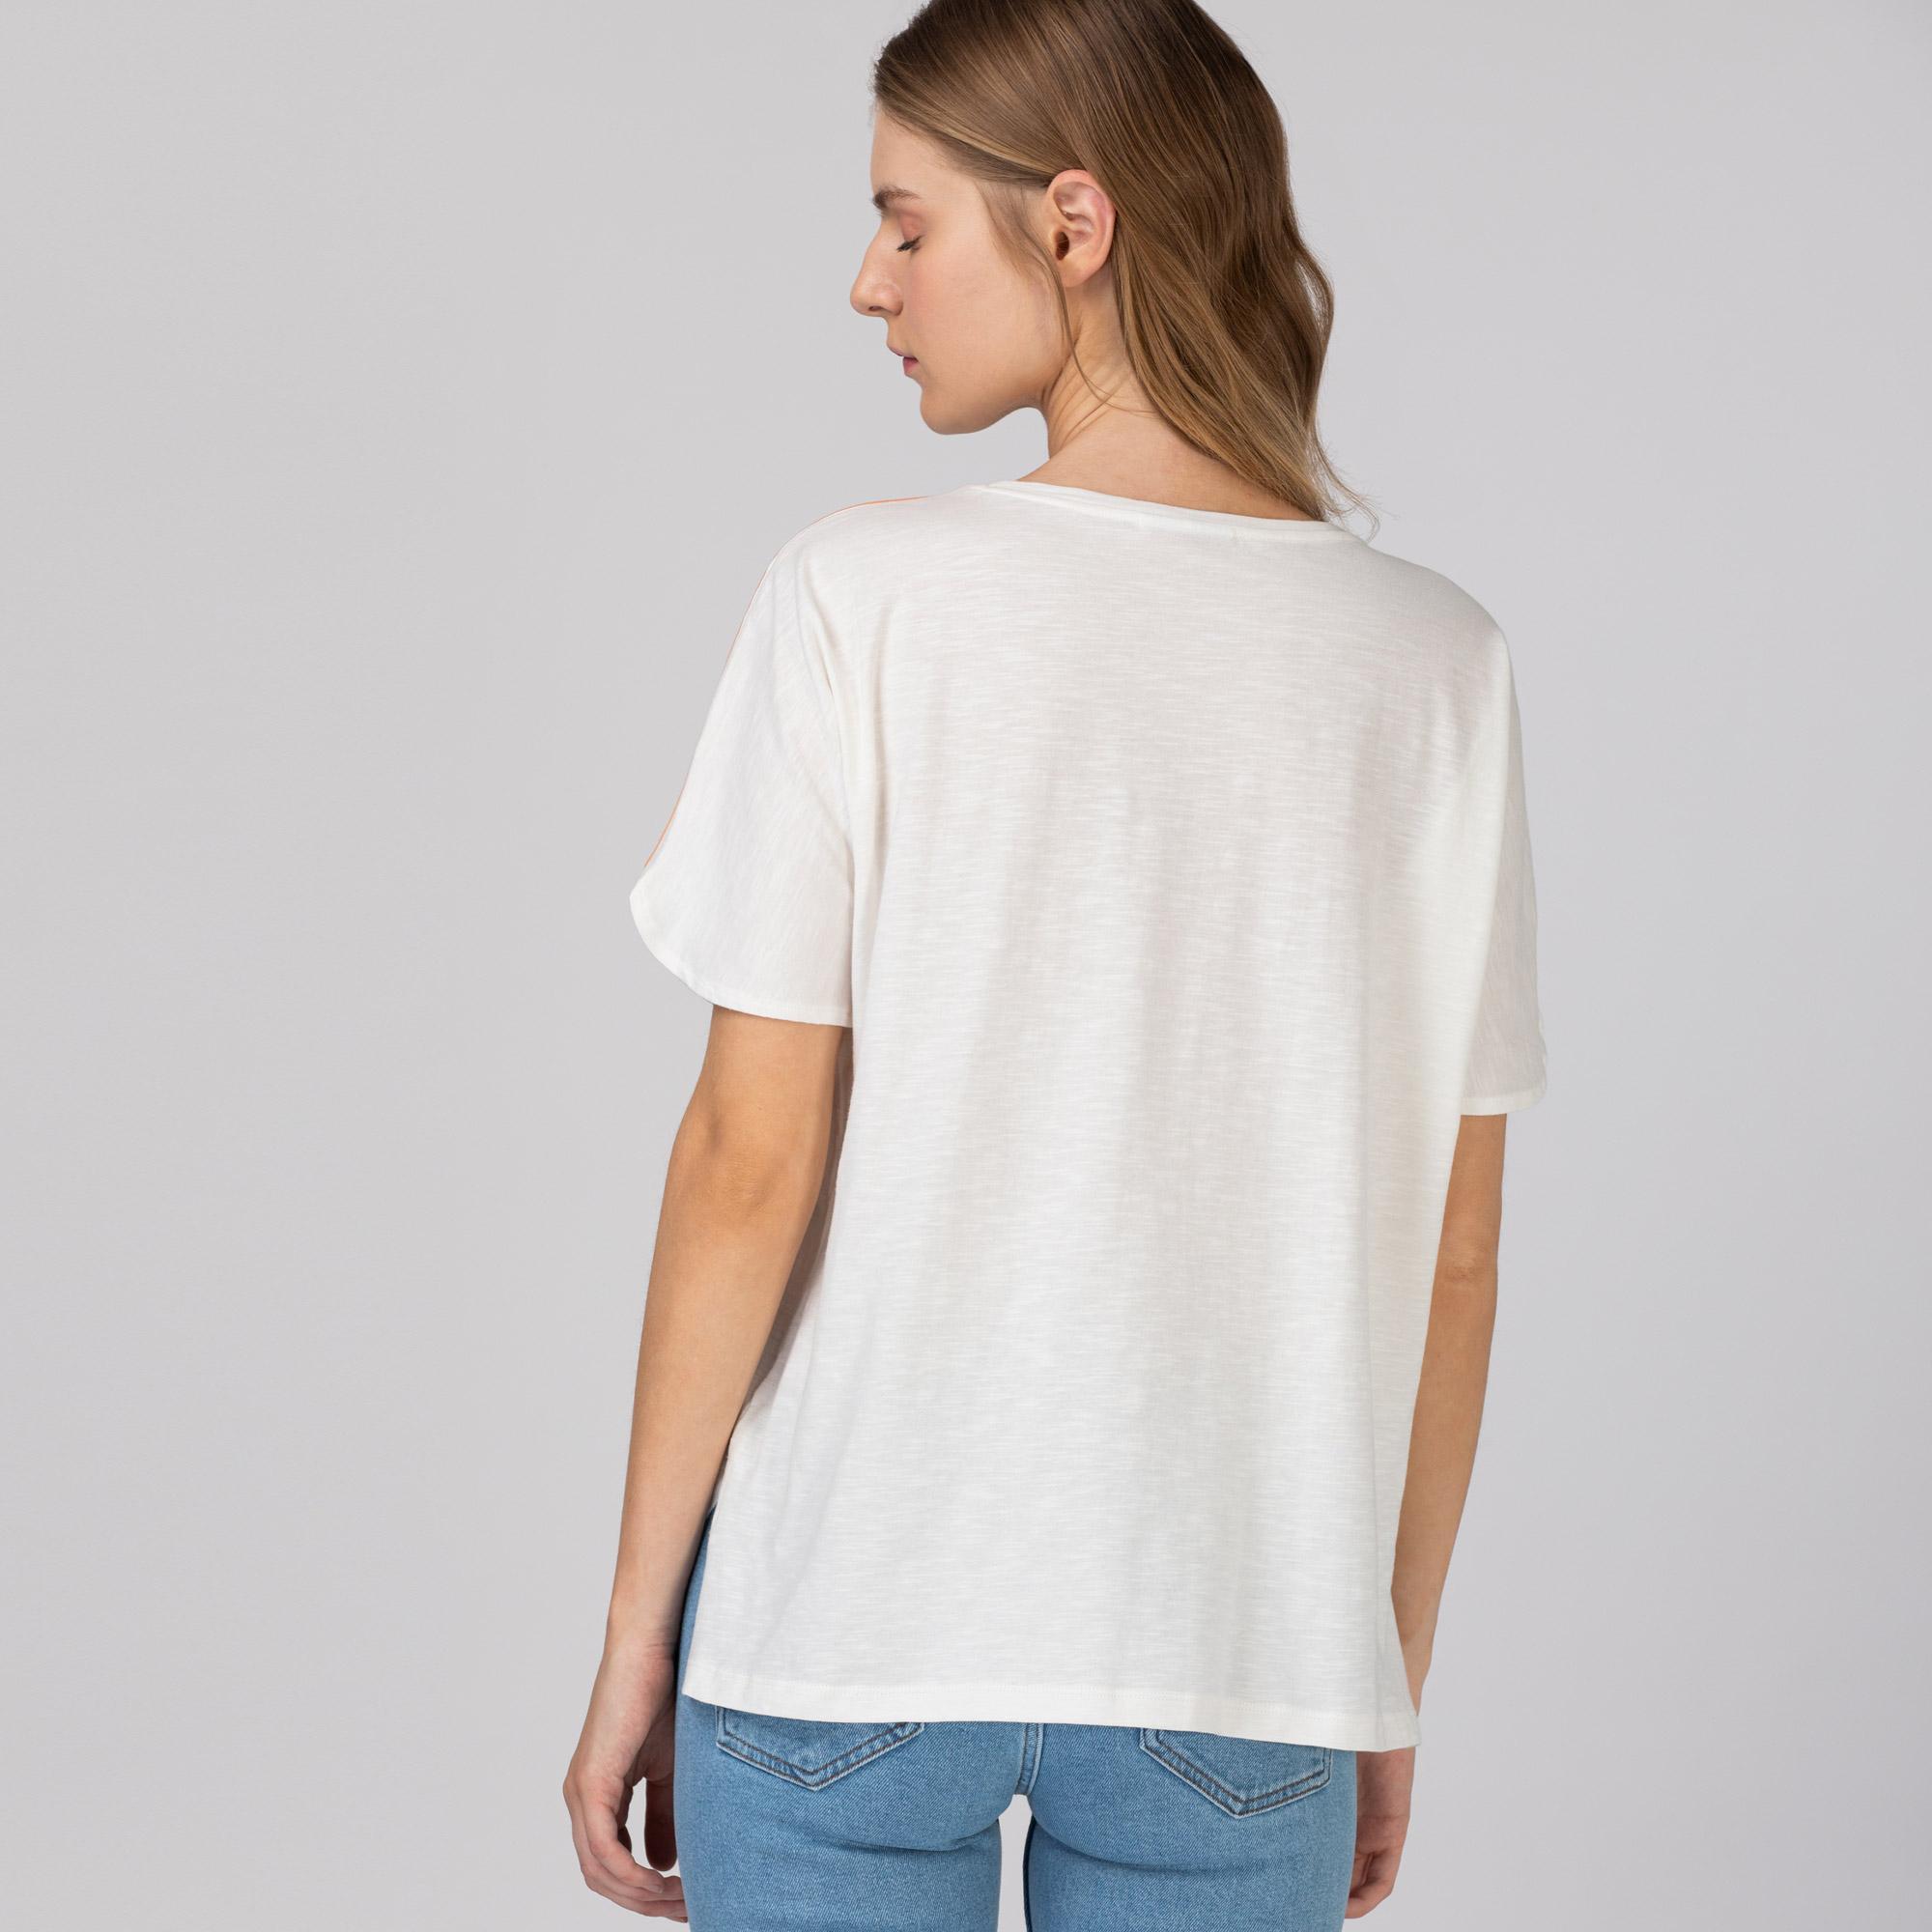 Lacoste Kadın Regular Fit Bisiklet Yaka Nakışlı Beyaz T-Shirt